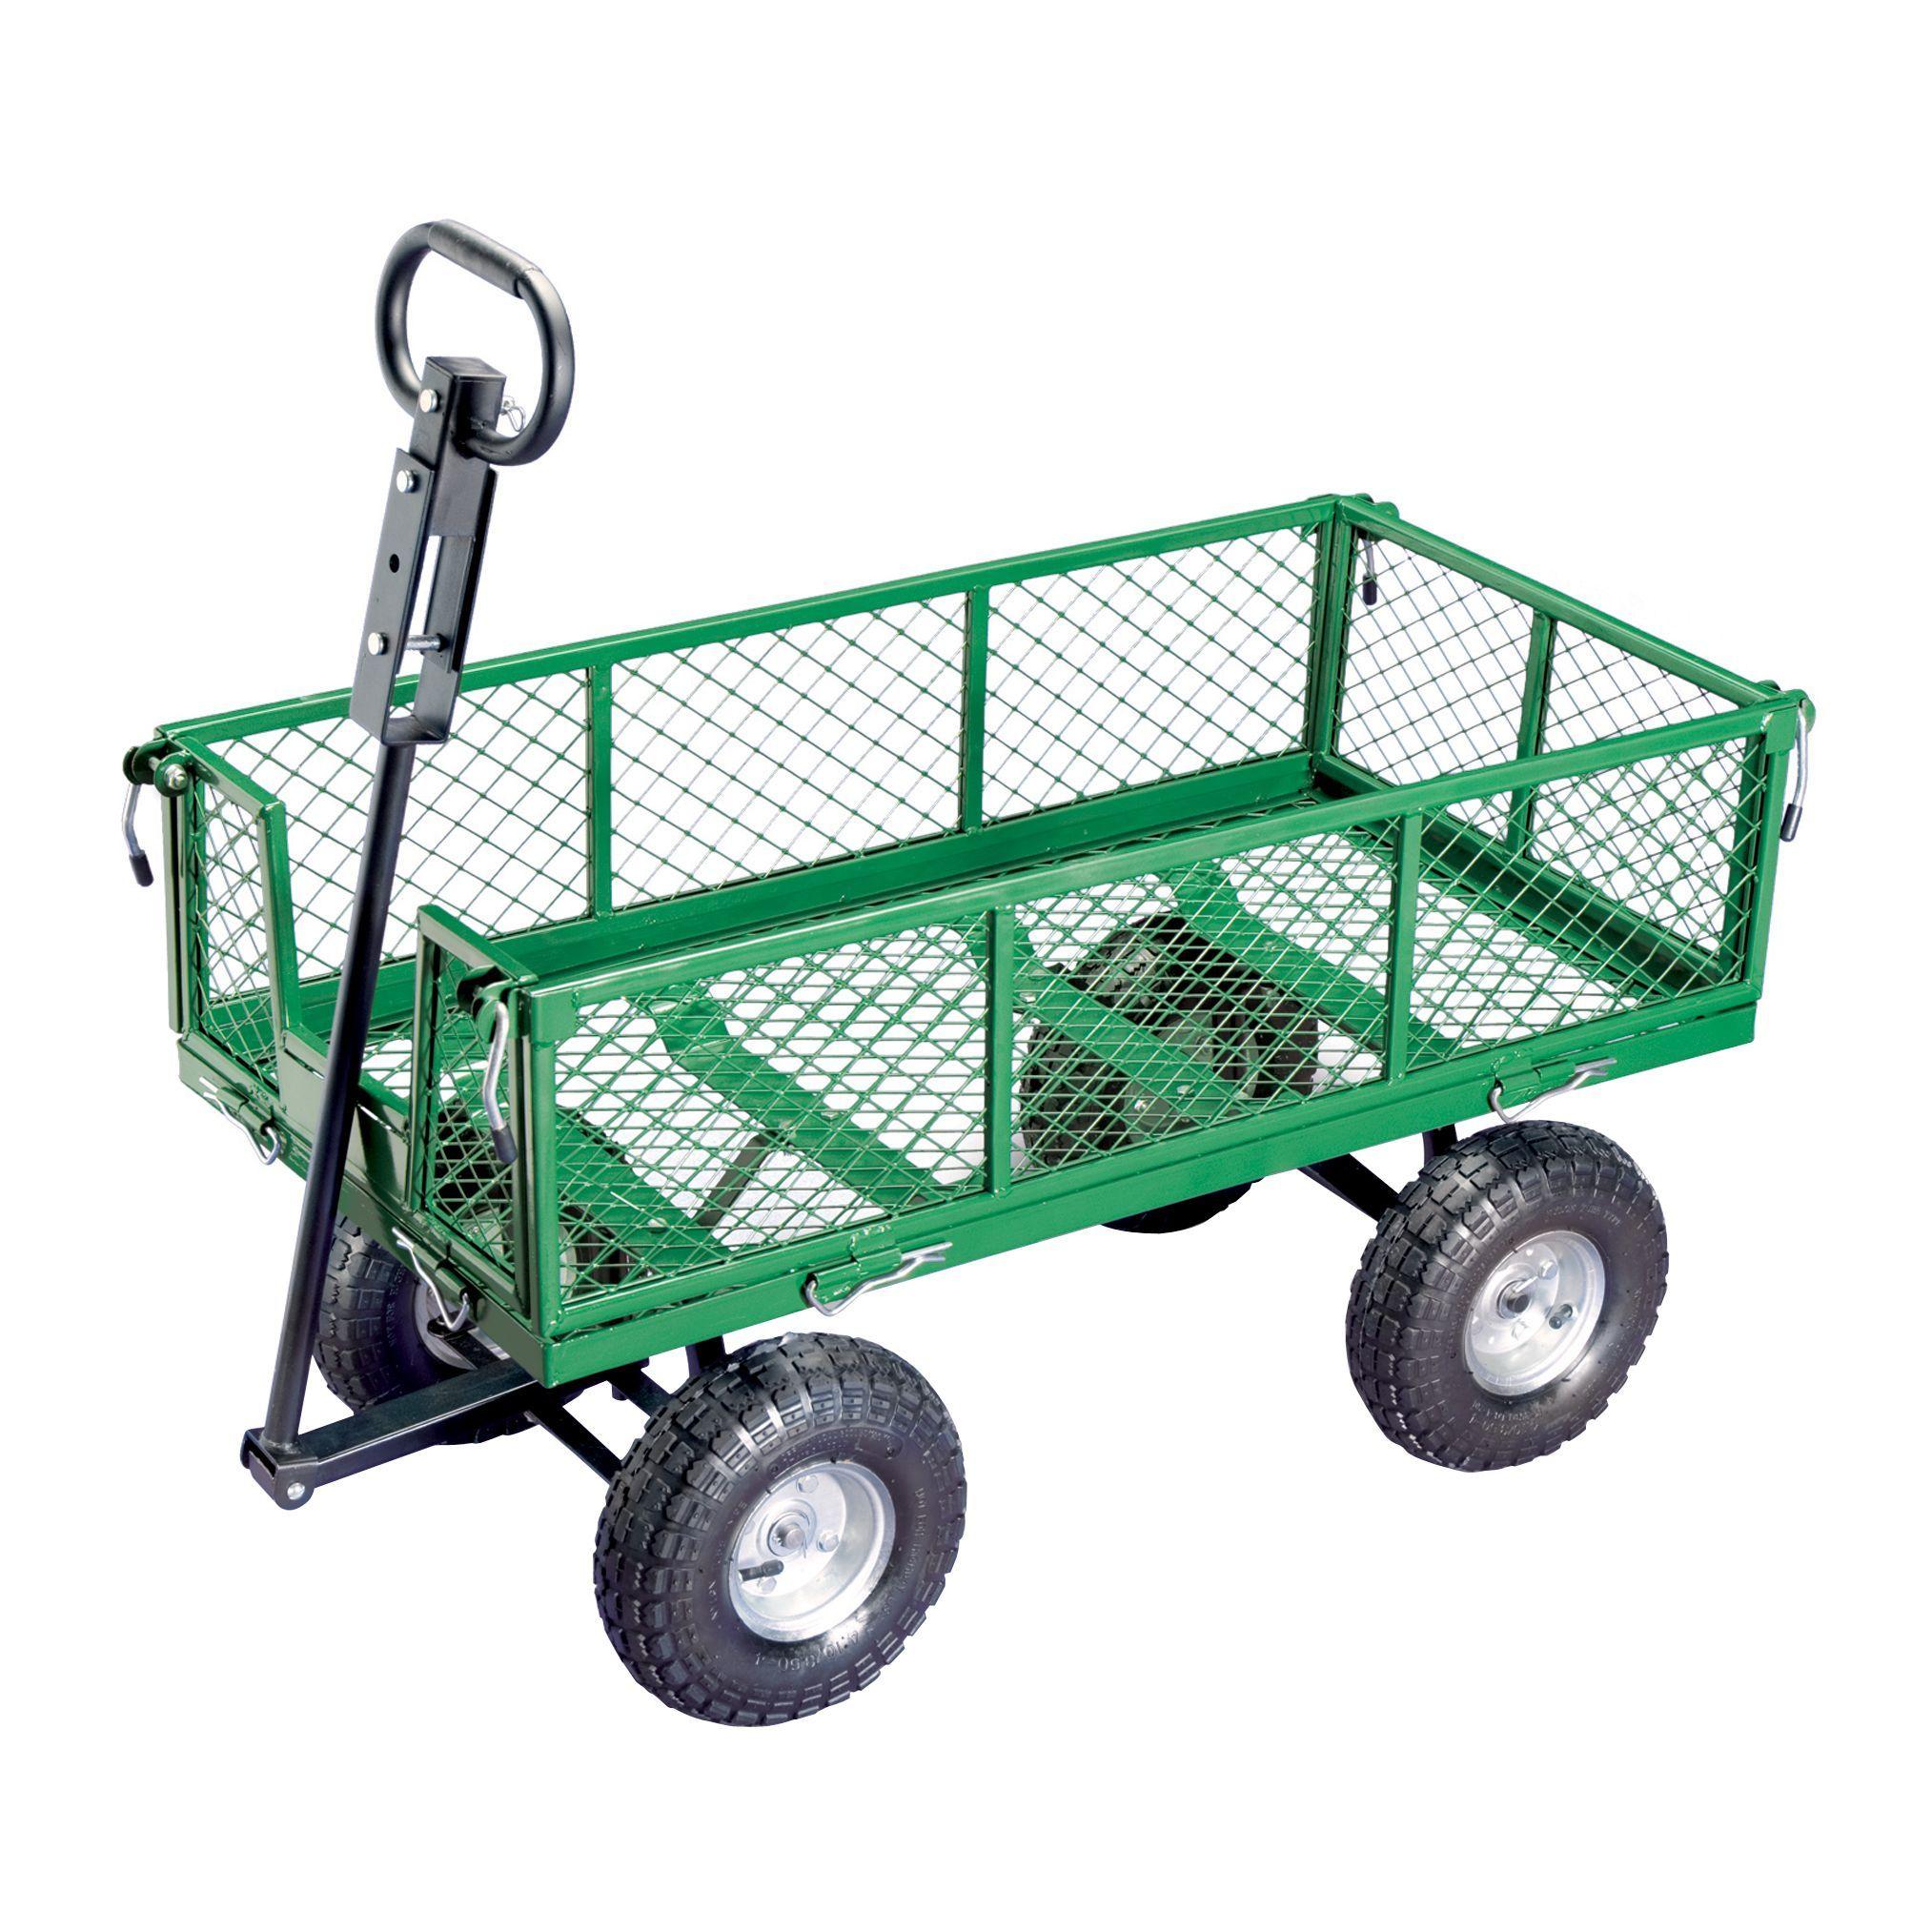 Gorilla 2-in-1 Utility Cart - Lawn & Garden - Outdoor Tools & Supplies - Wheelbarrows & Garden Carts